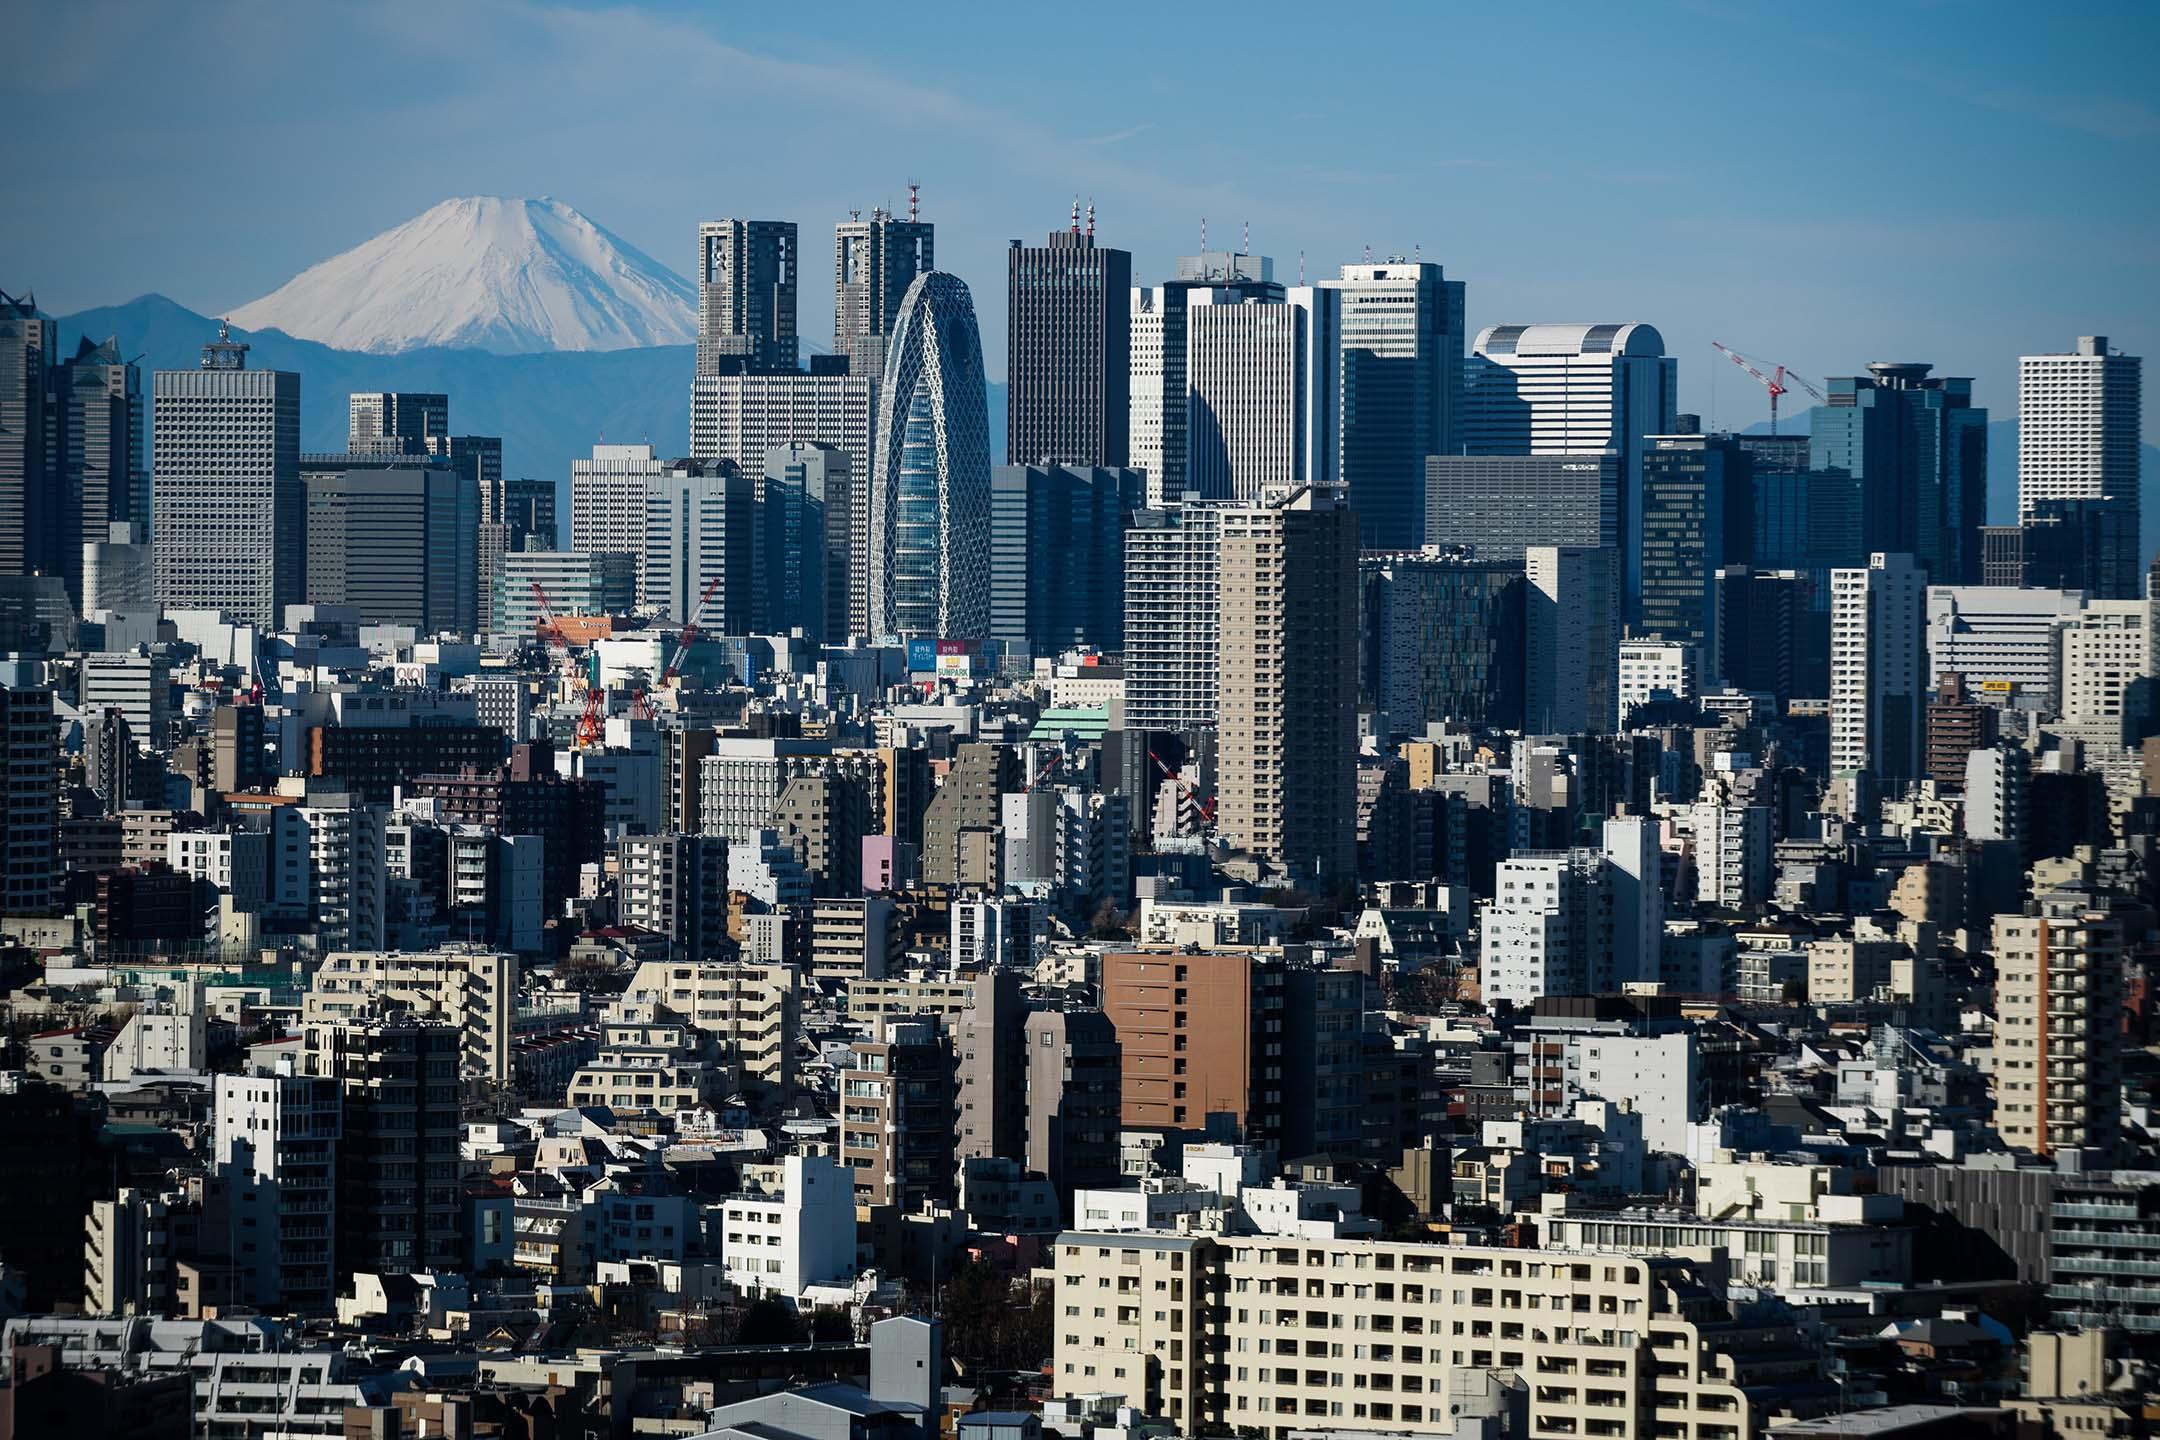 2019年1月11日,富士山與日本東京的建築物。